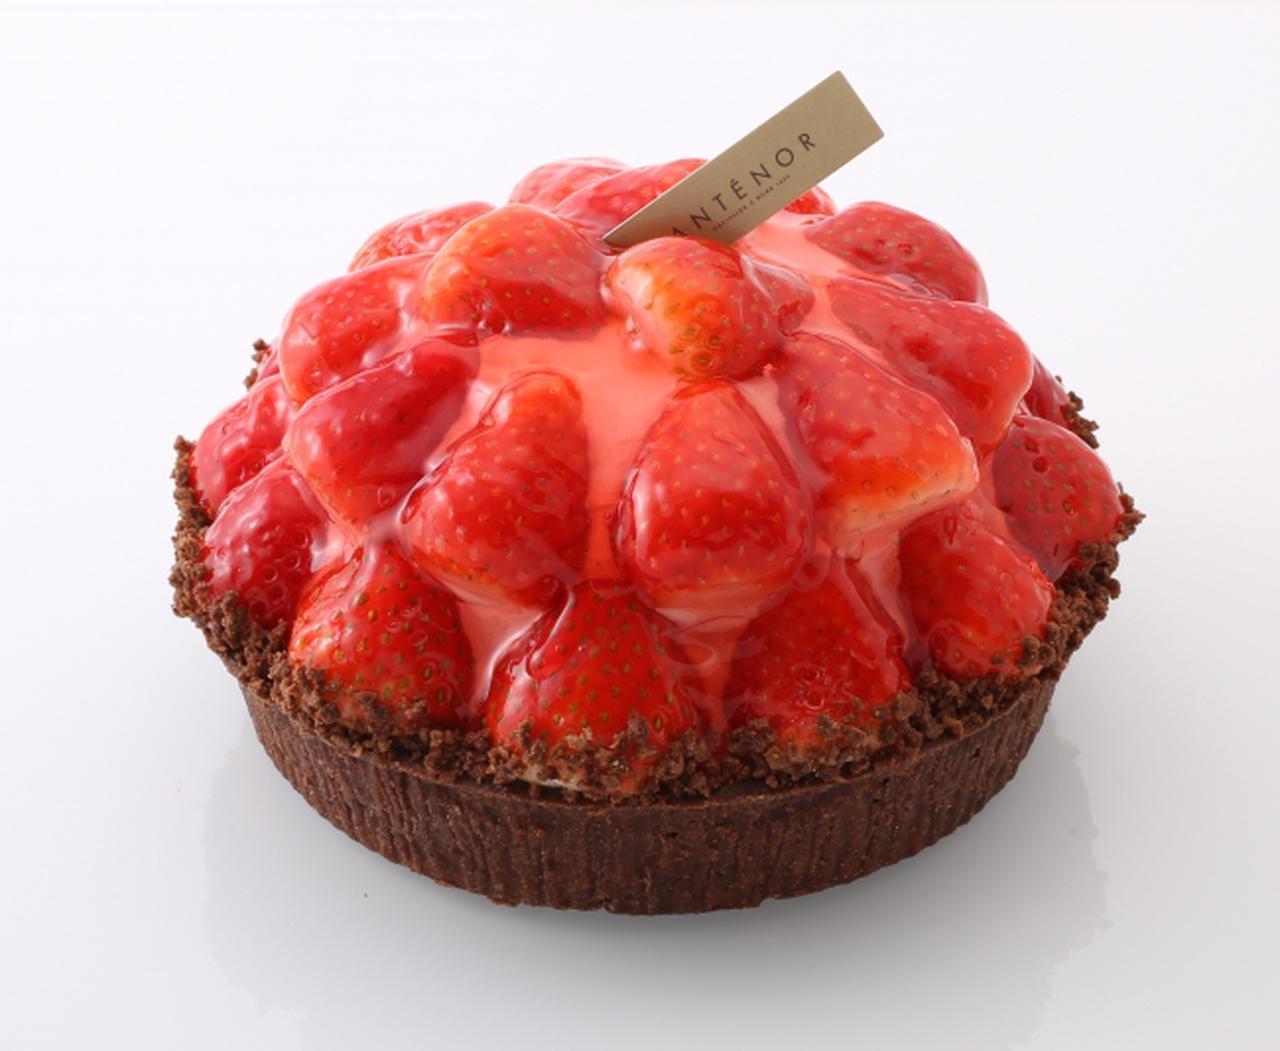 画像4: 苺づくし!あまおう苺・紅ほっぺ苺のケーキ、デザートが勢ぞろい!